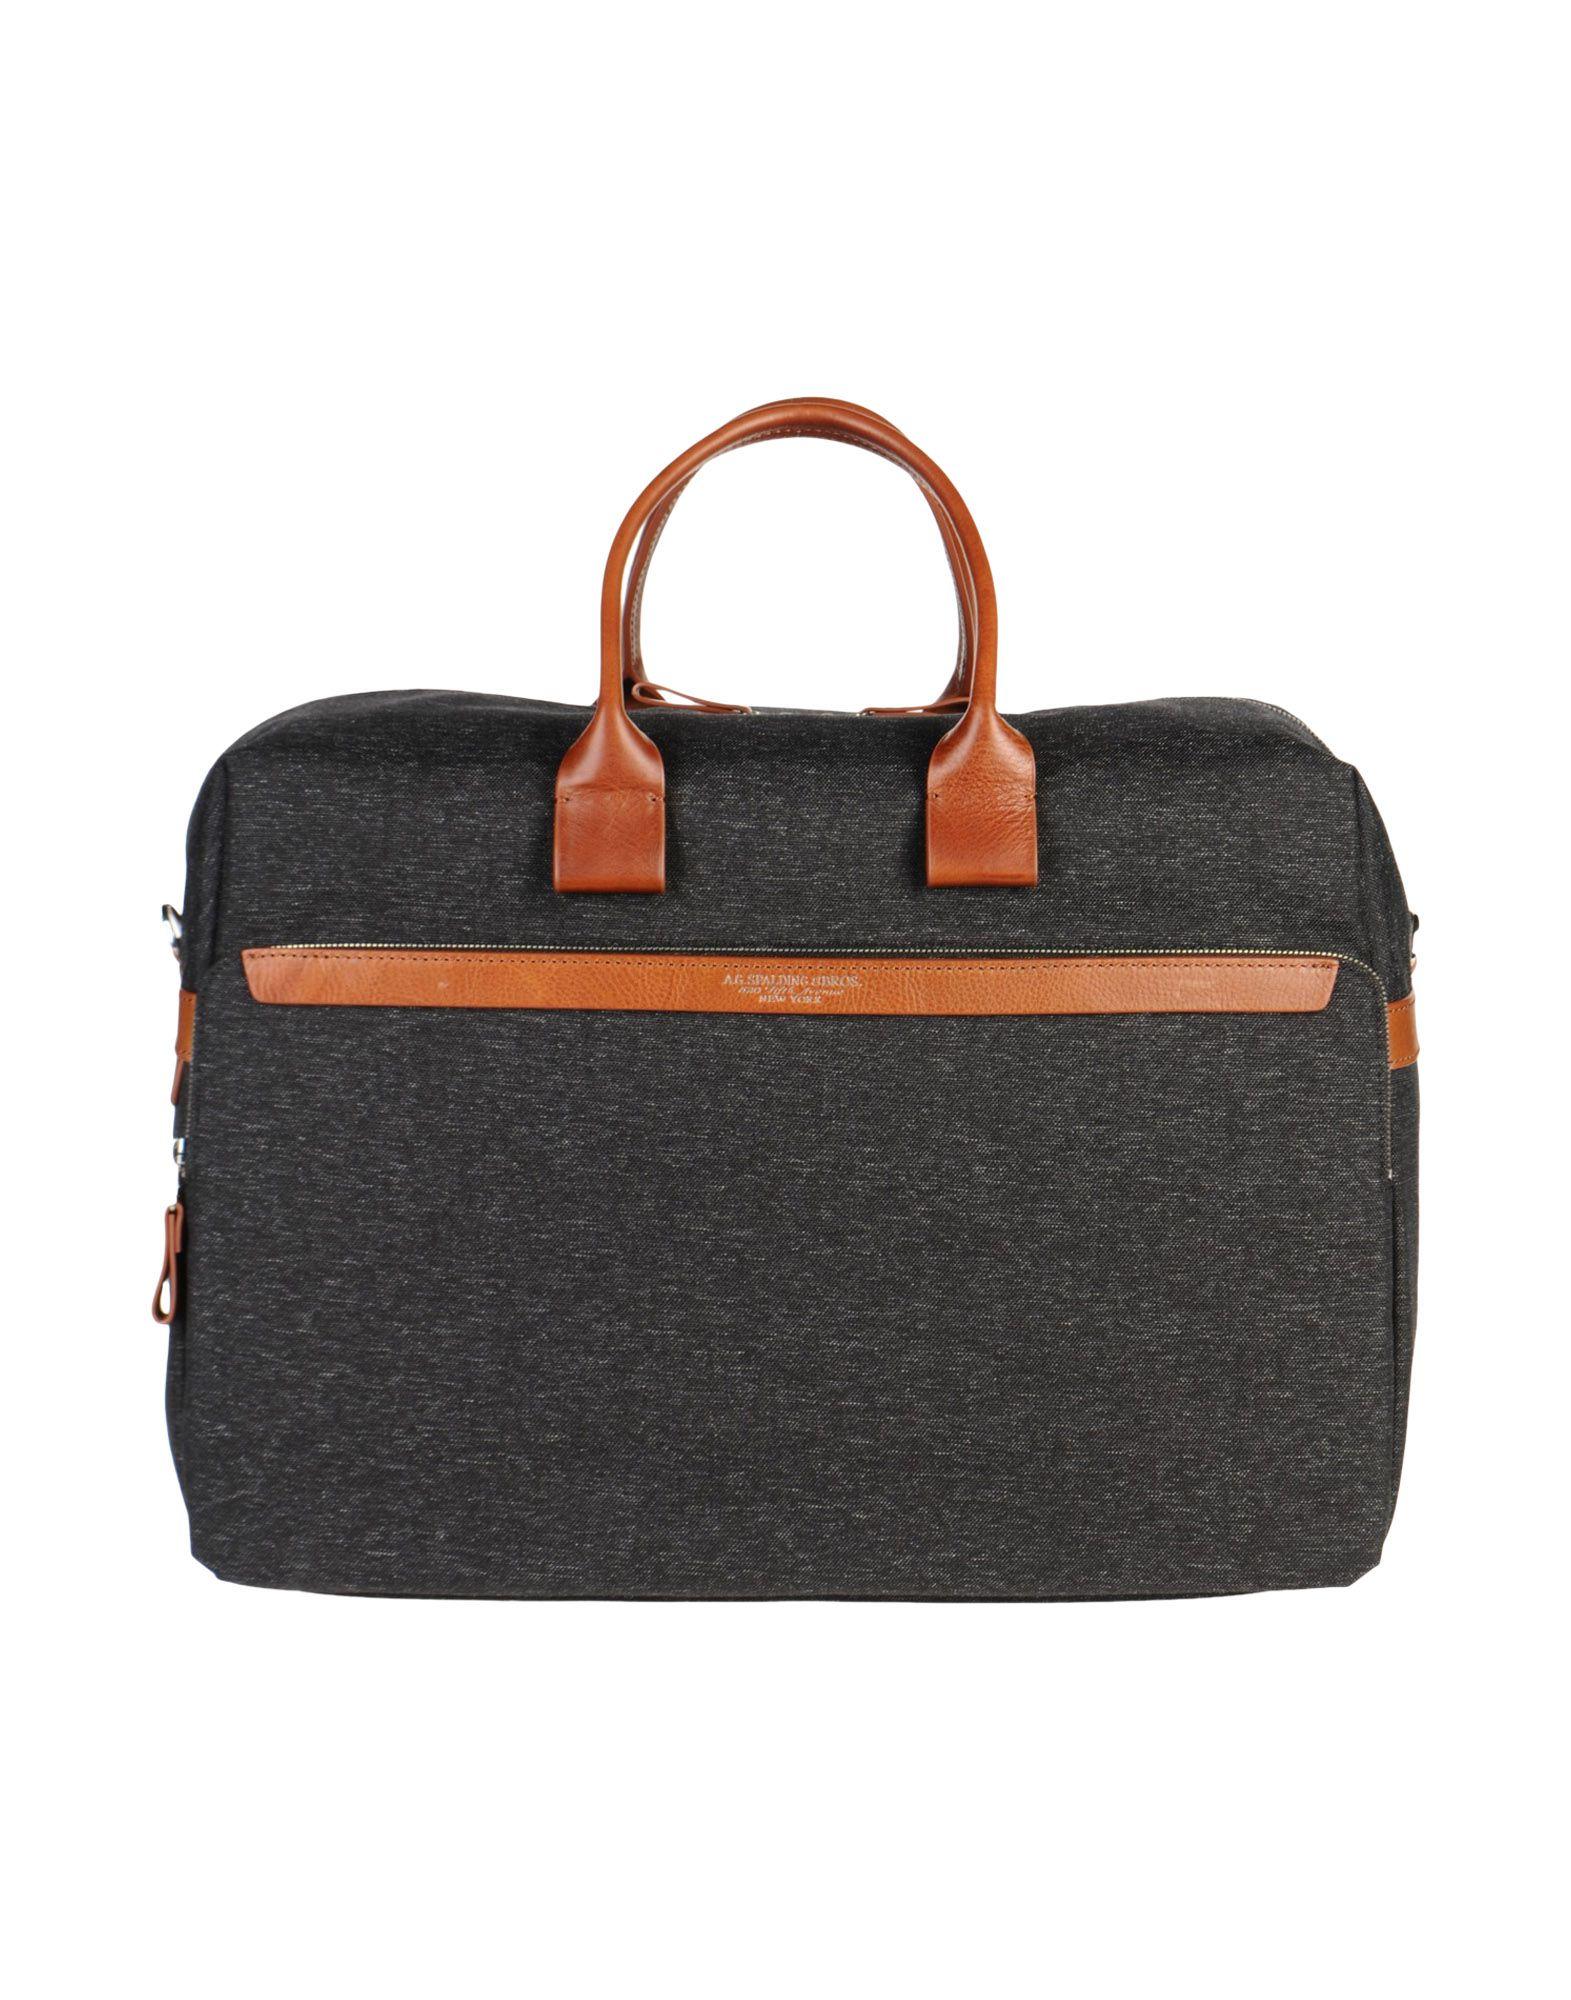 A.G. SPALDING & BROS. 520 FIFTH AVENUE  New York Дорожная сумка kate spade new york сумка на руку